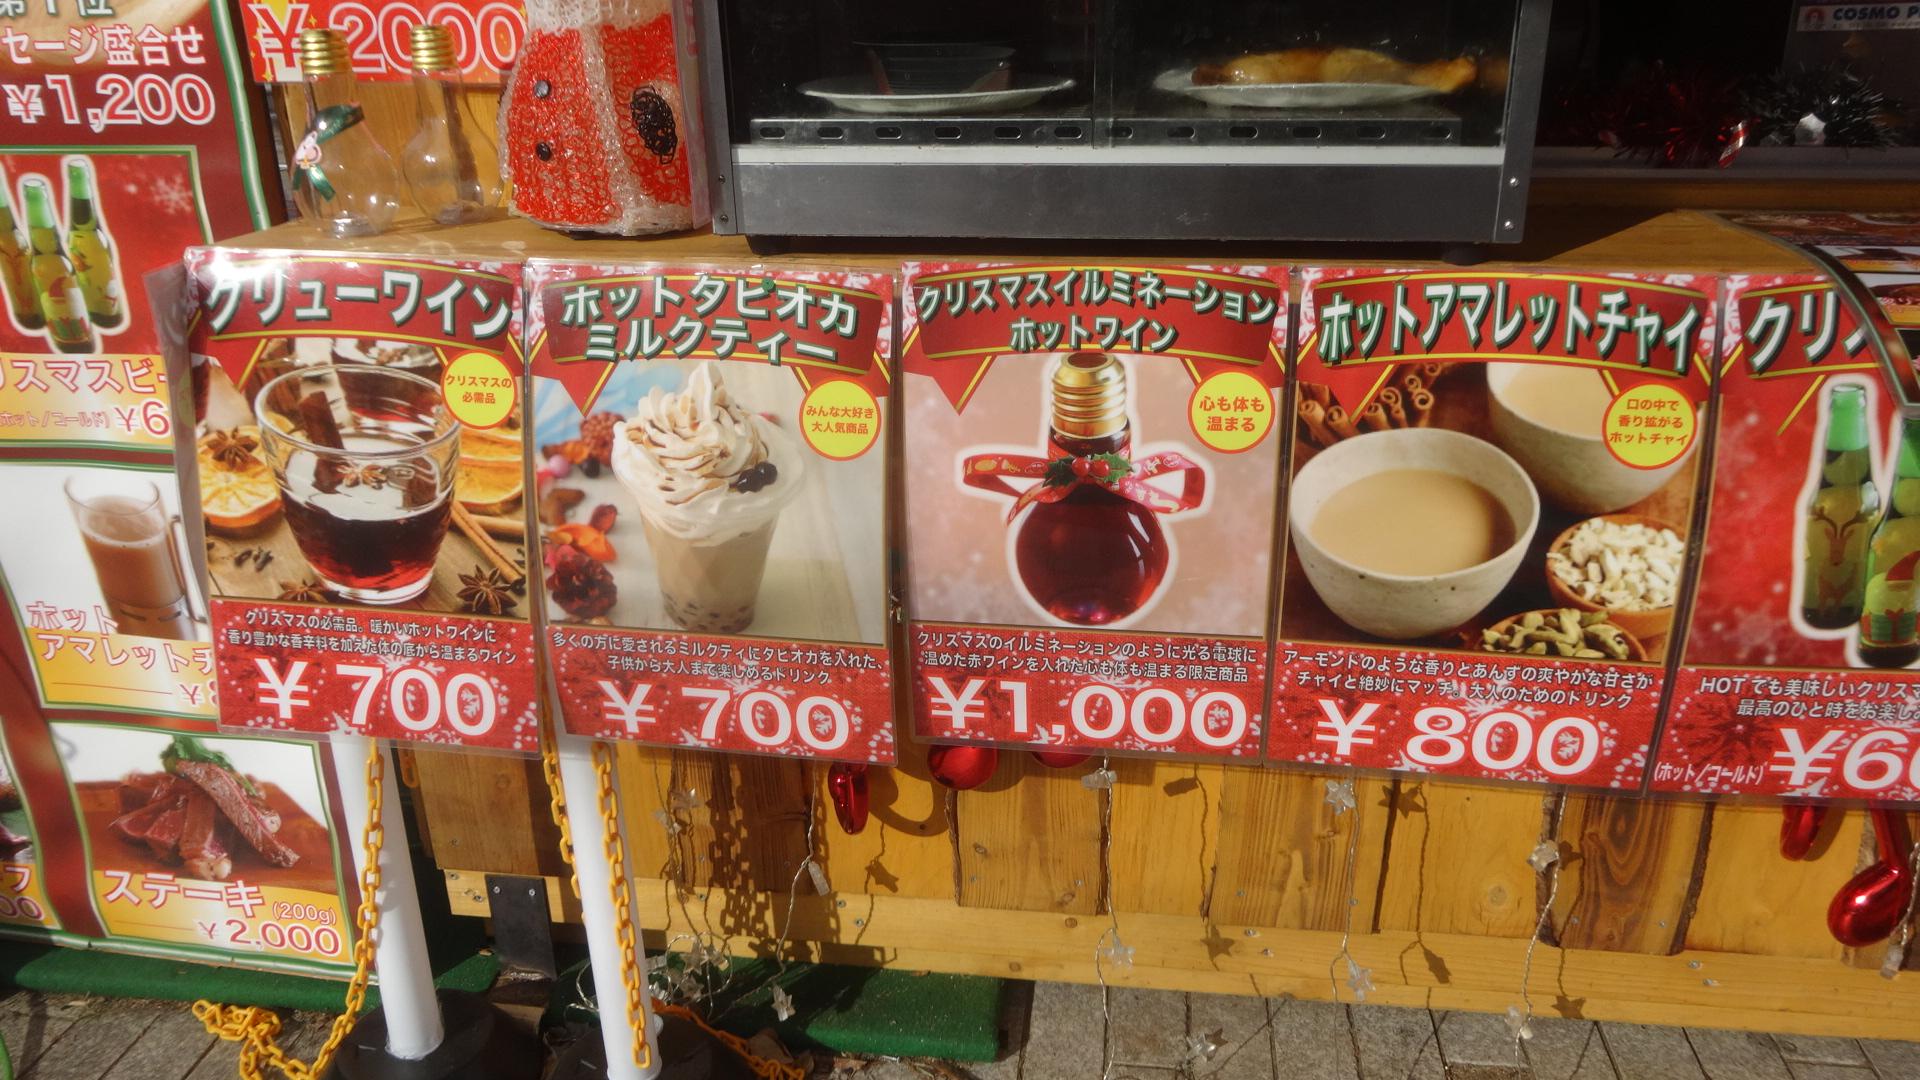 高い価格の飲み物